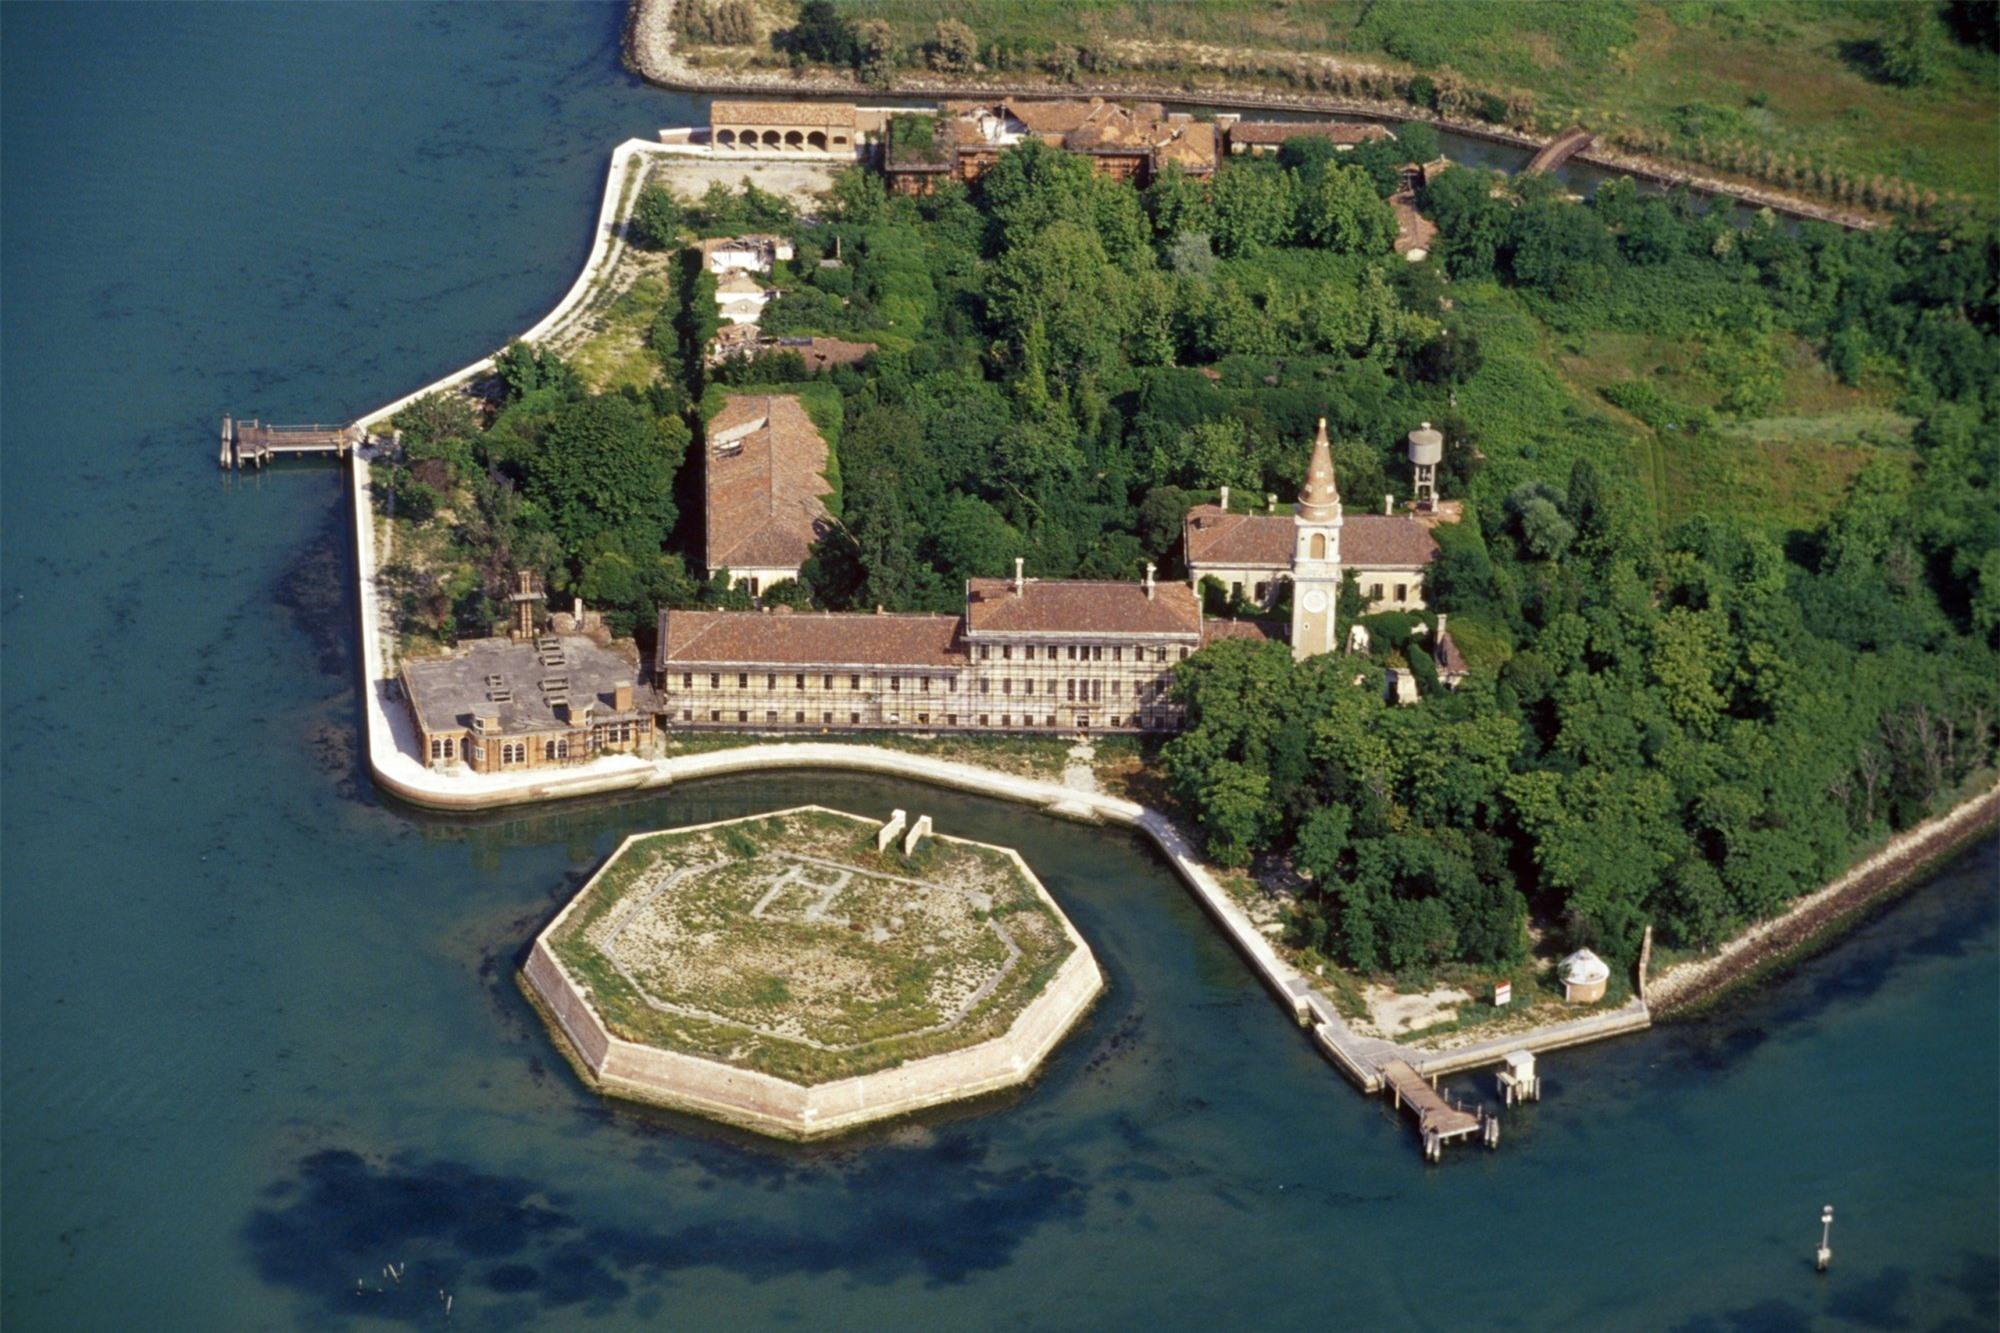 Hòn đảo ma ám Poveglia hiện vẫn đang bị bỏ hoang